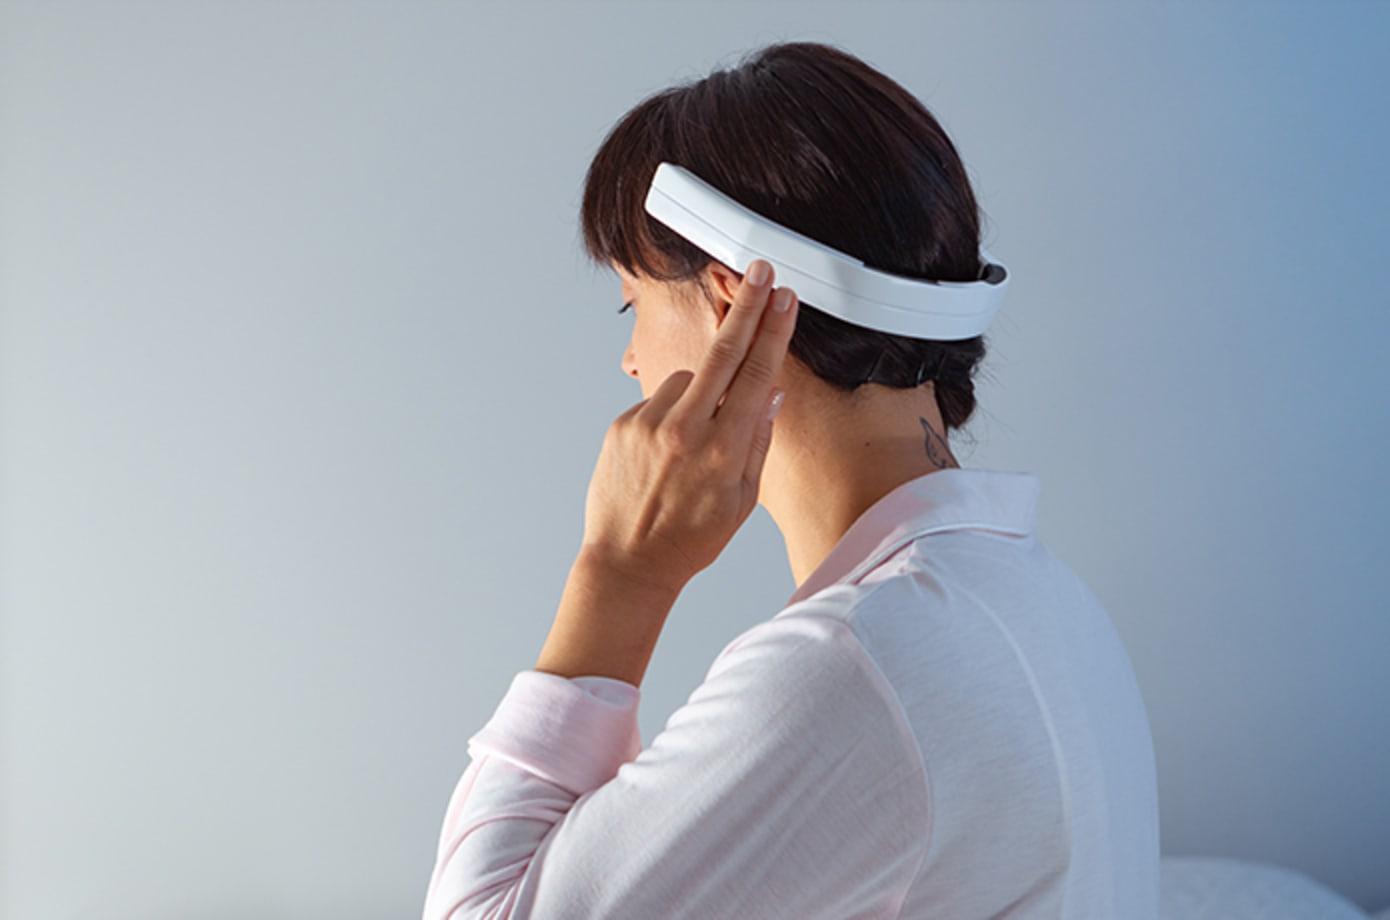 自分の脳からどんな脳波が出ているのか知りたくはありませんか?脳波コントロールの練習も可能な脳波計「NeoRhythm」